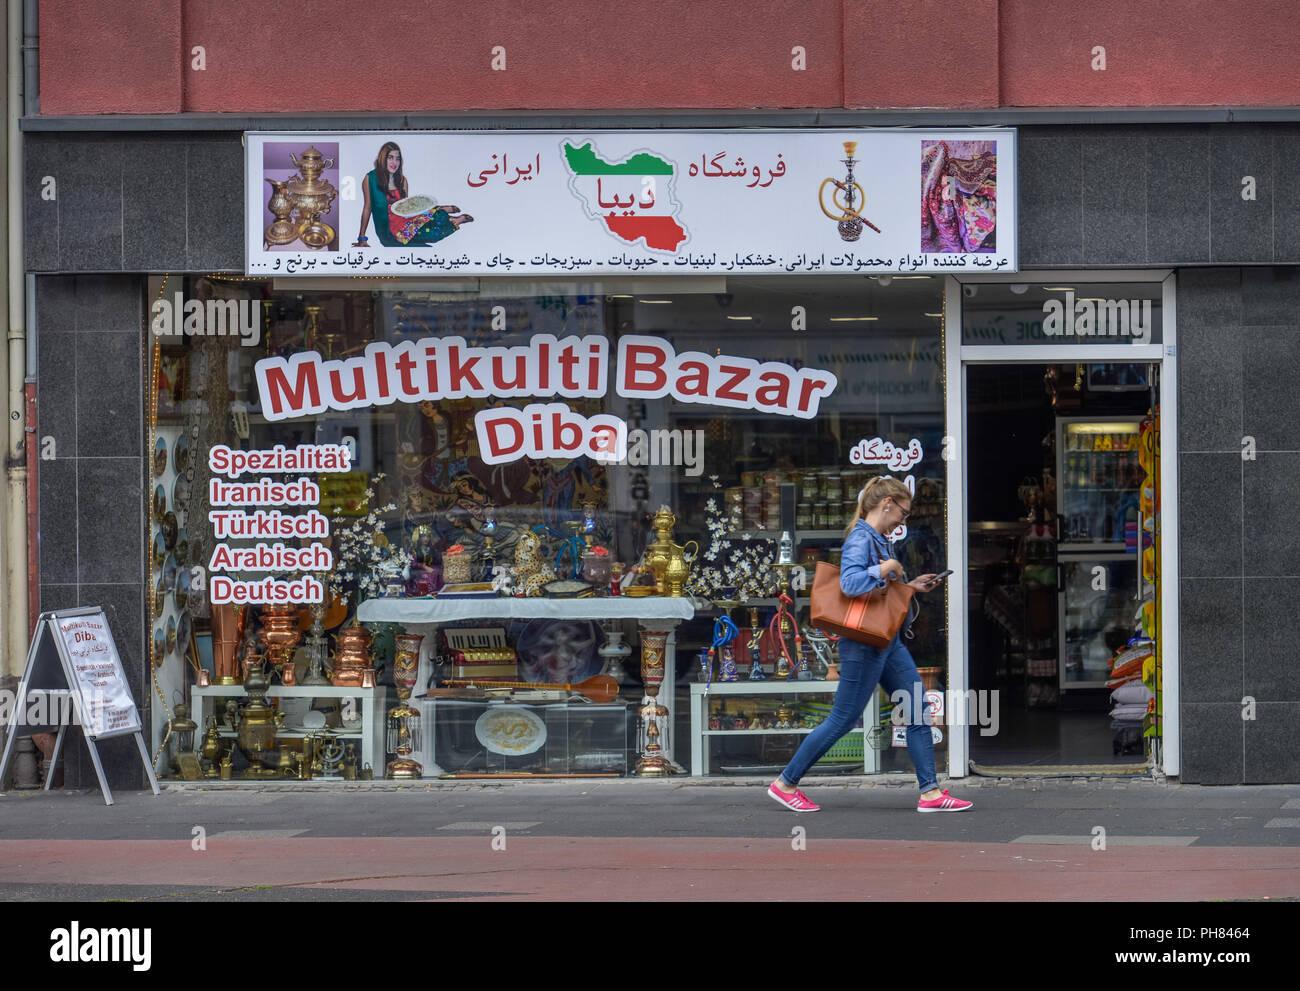 Multikulti-Bazar, Neusser Strasse, Nippes, Koeln, Nordrhein-Westfalen, Deutschland Stock Photo